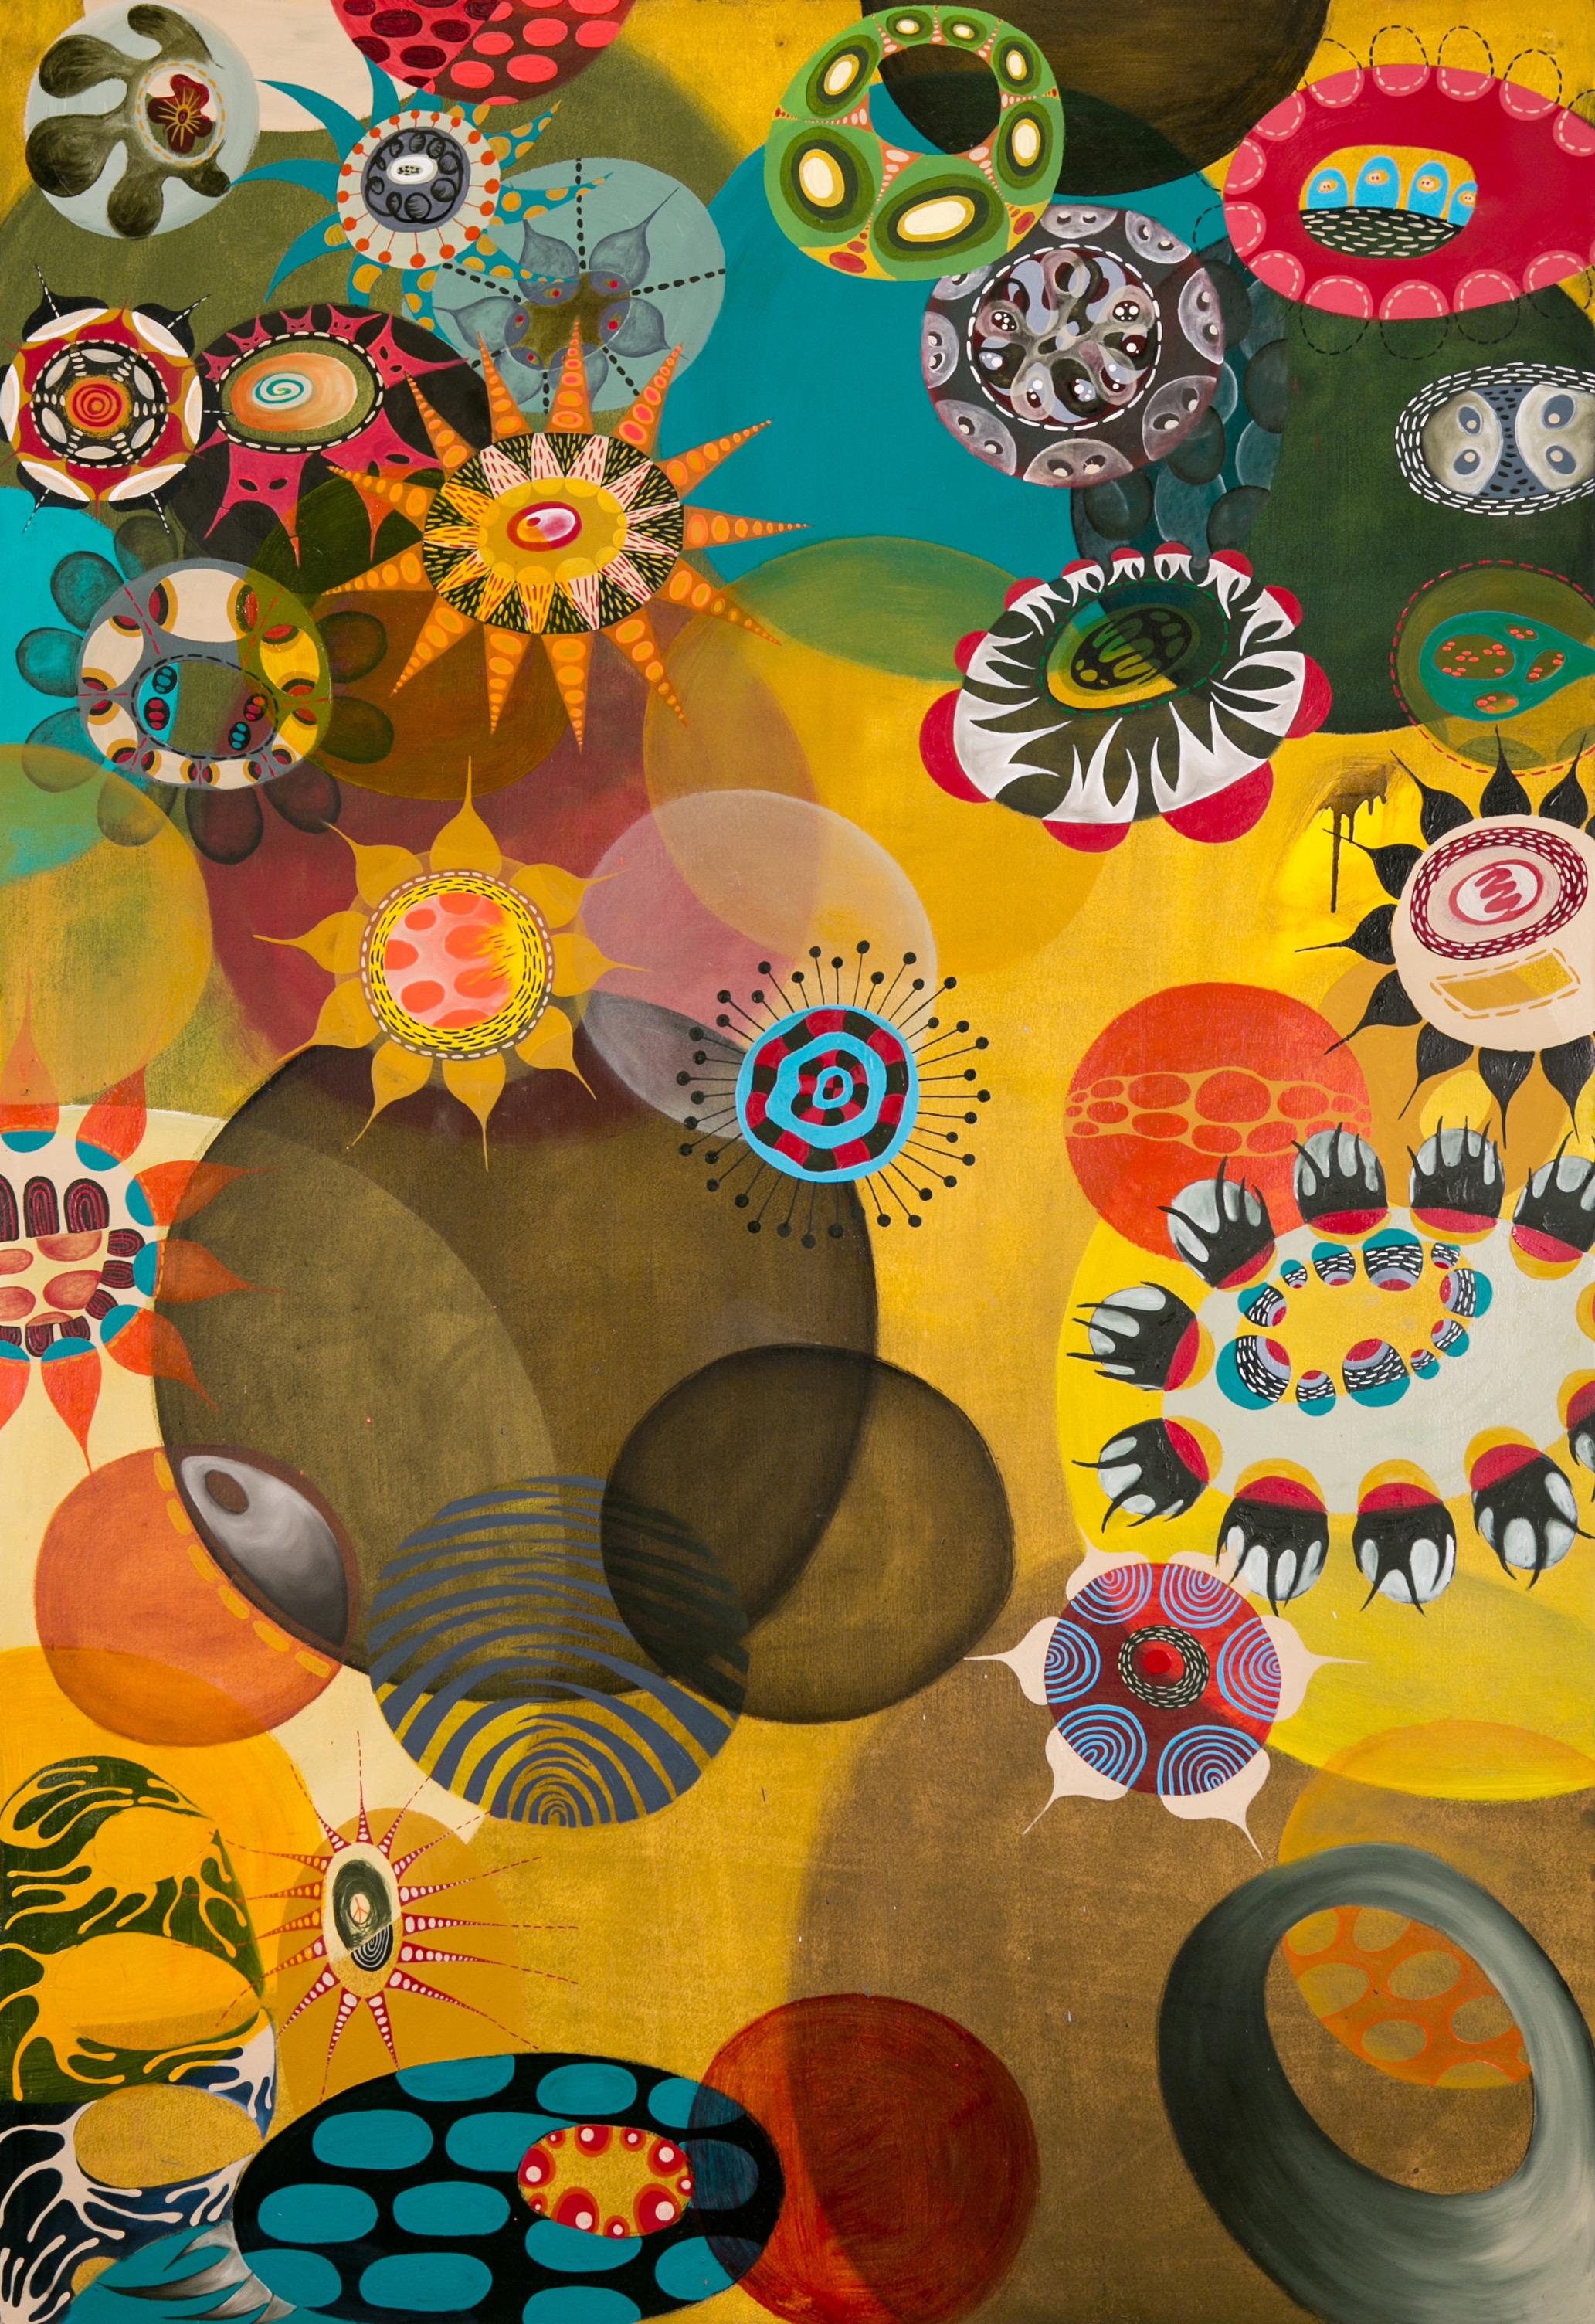 Saffron, 2017, oil on paper, 60 x 40 in, $9,000